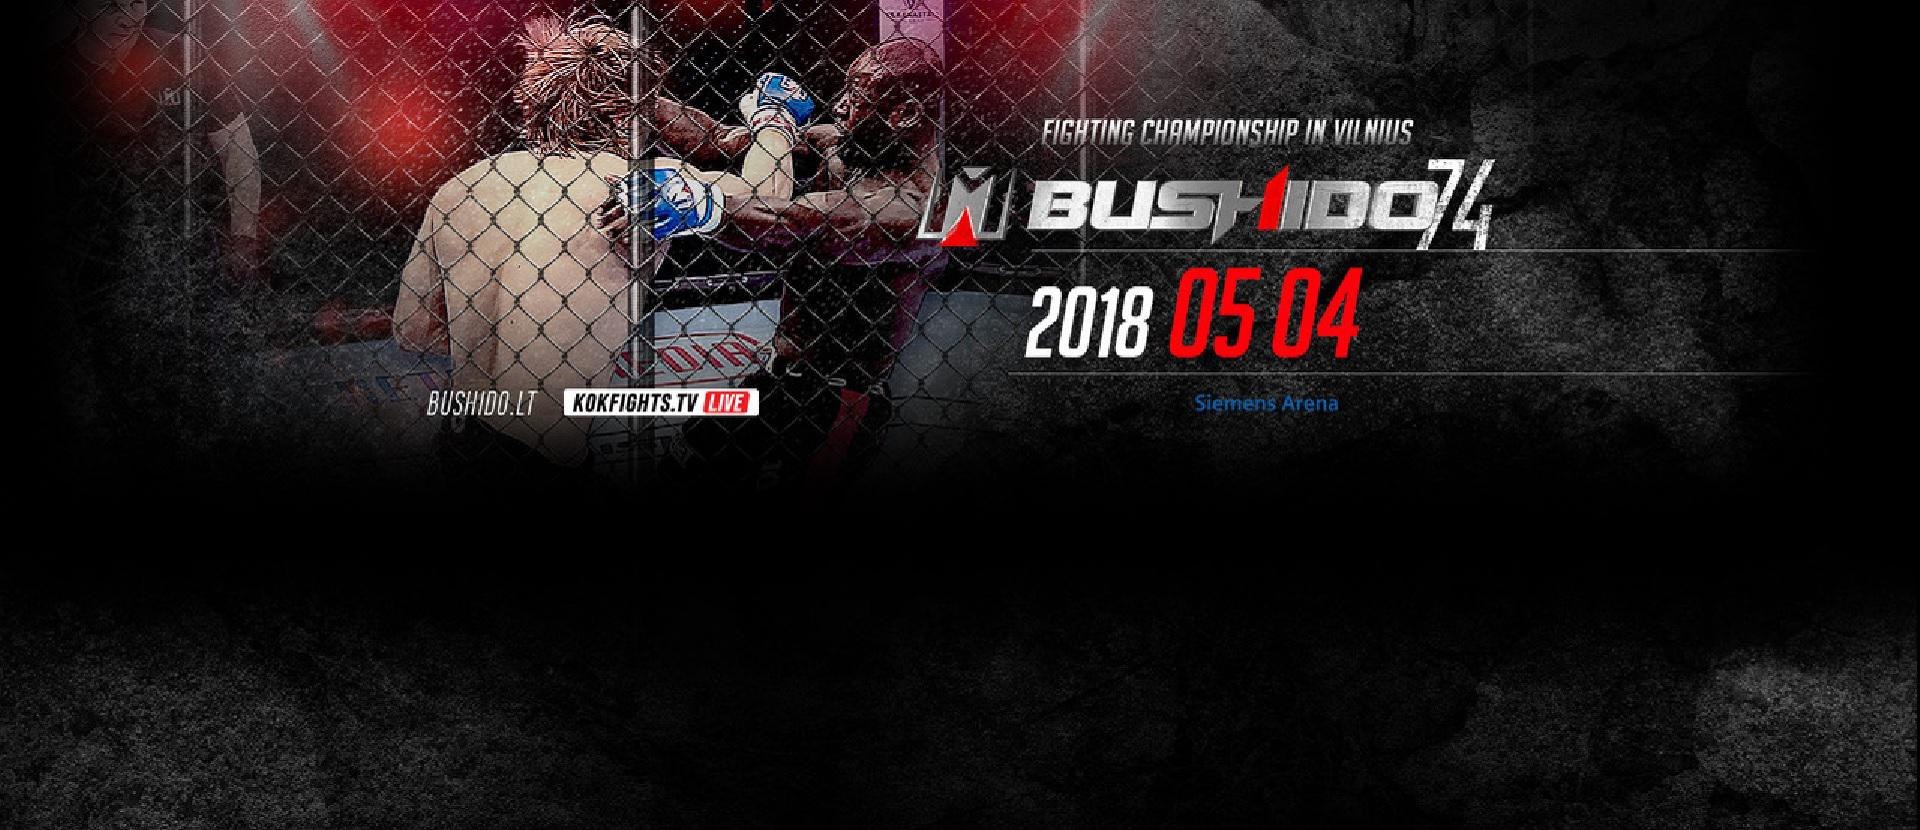 MMA Bushido Fighting Championship in Vilnius